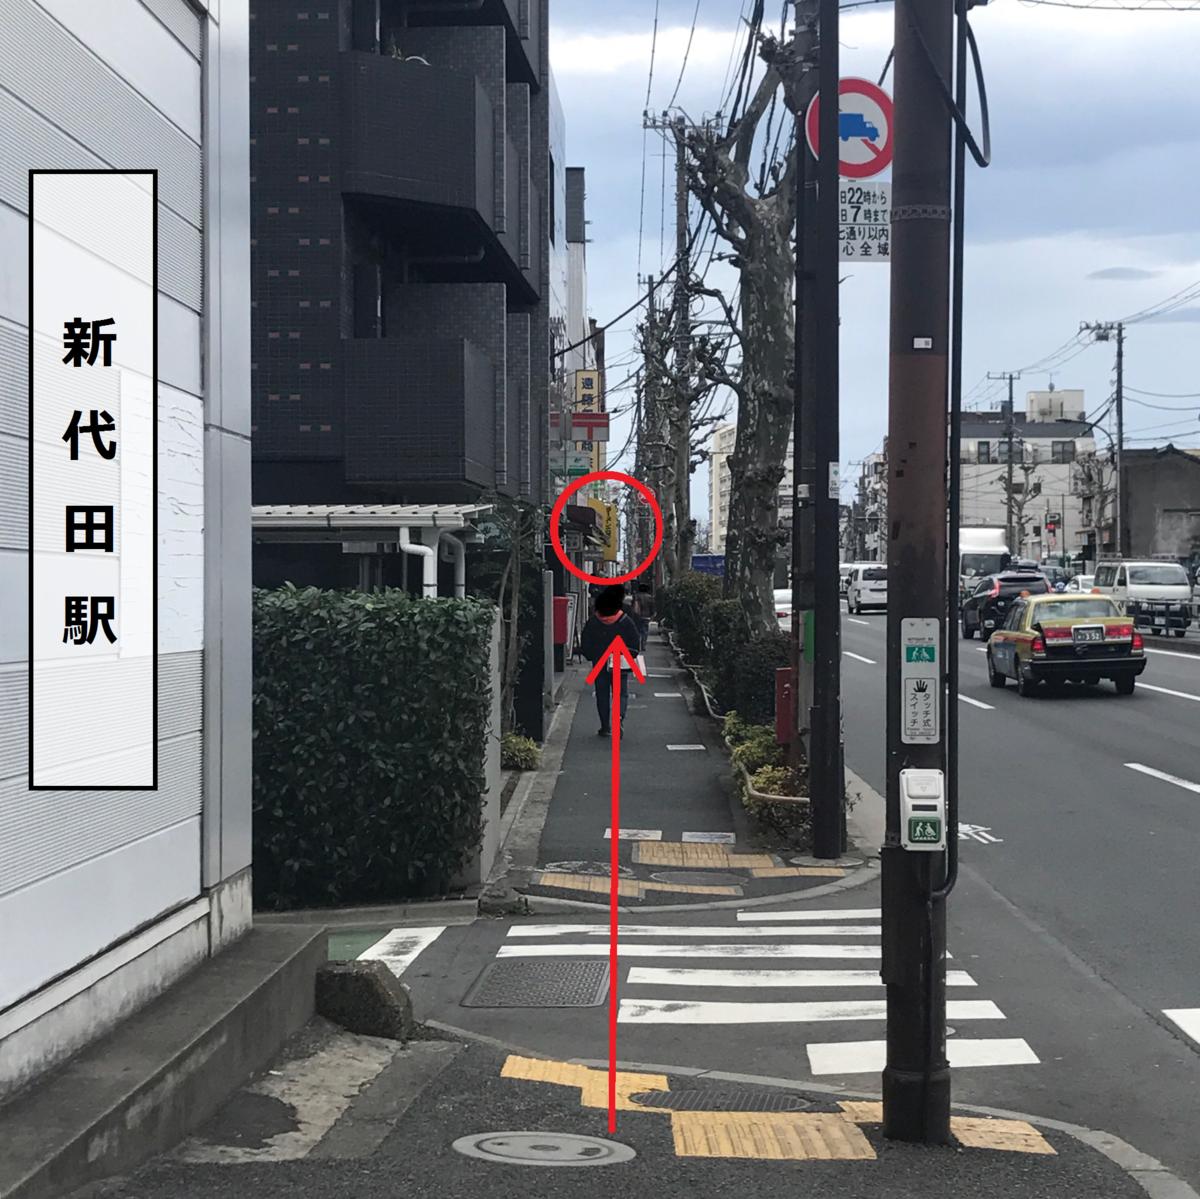 f:id:onna_jiro:20190322140503p:plain